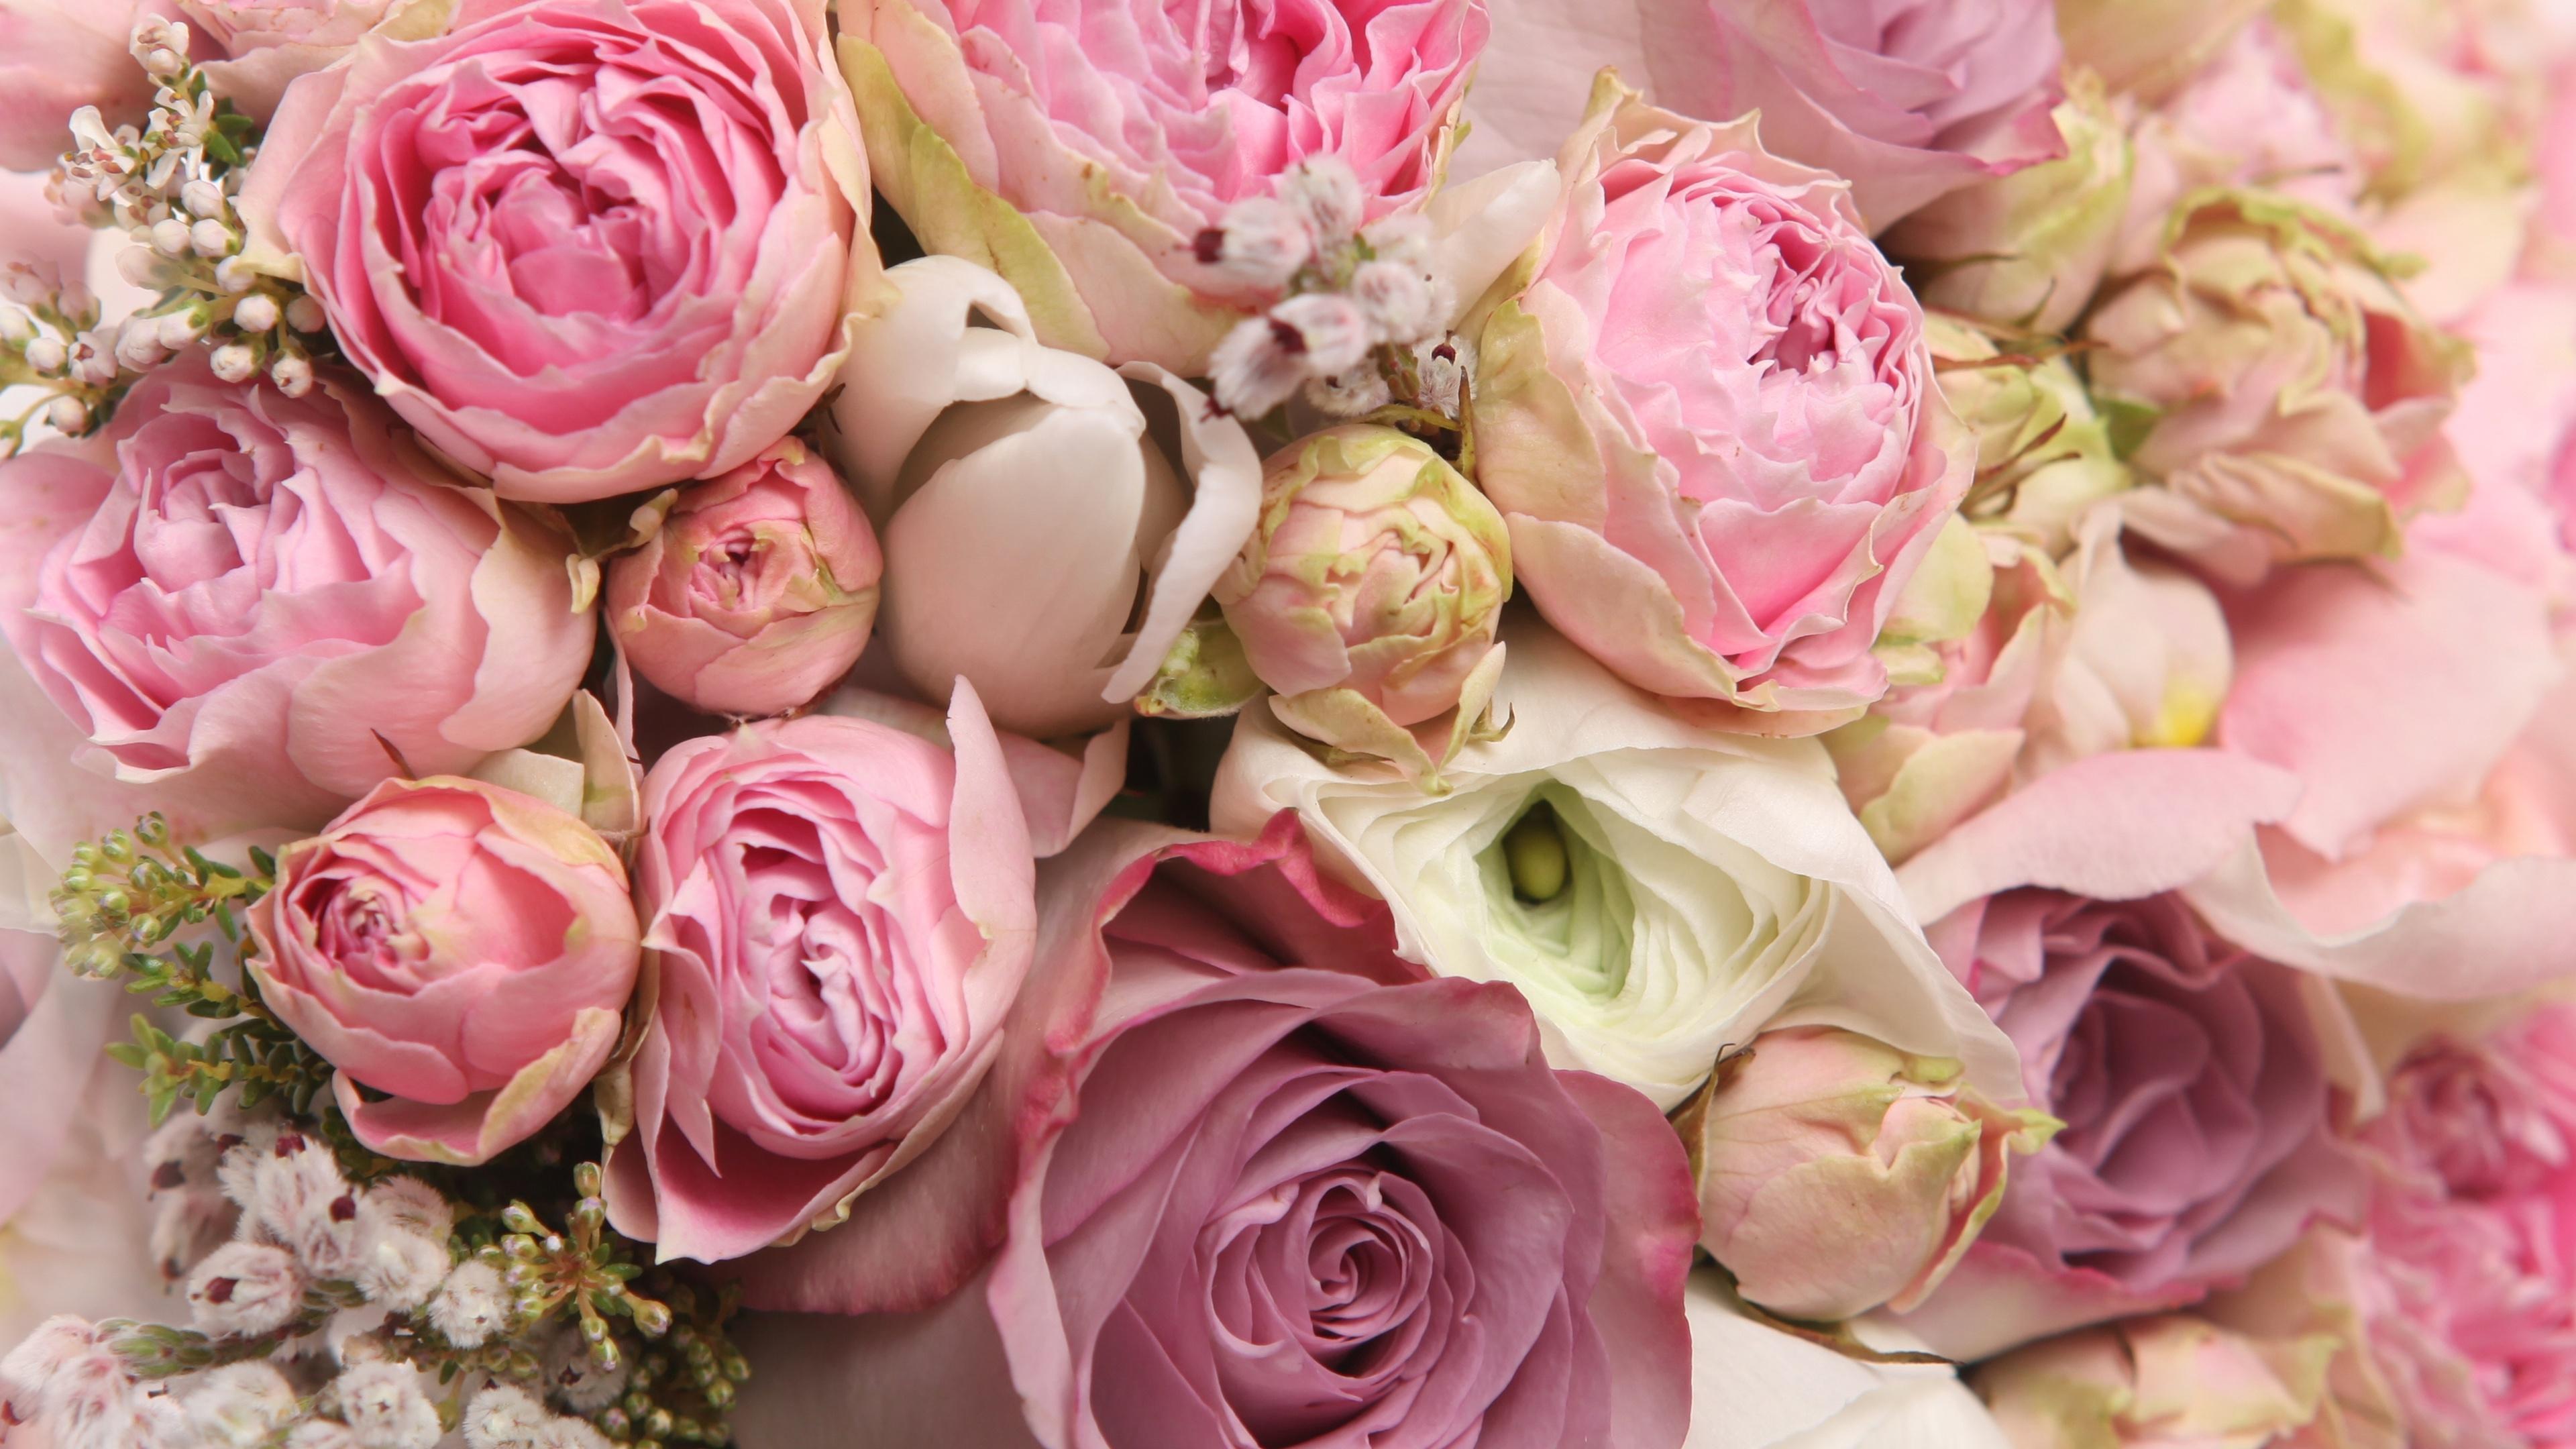 Пионы и розы открытки с днем рождения, открытка картинка